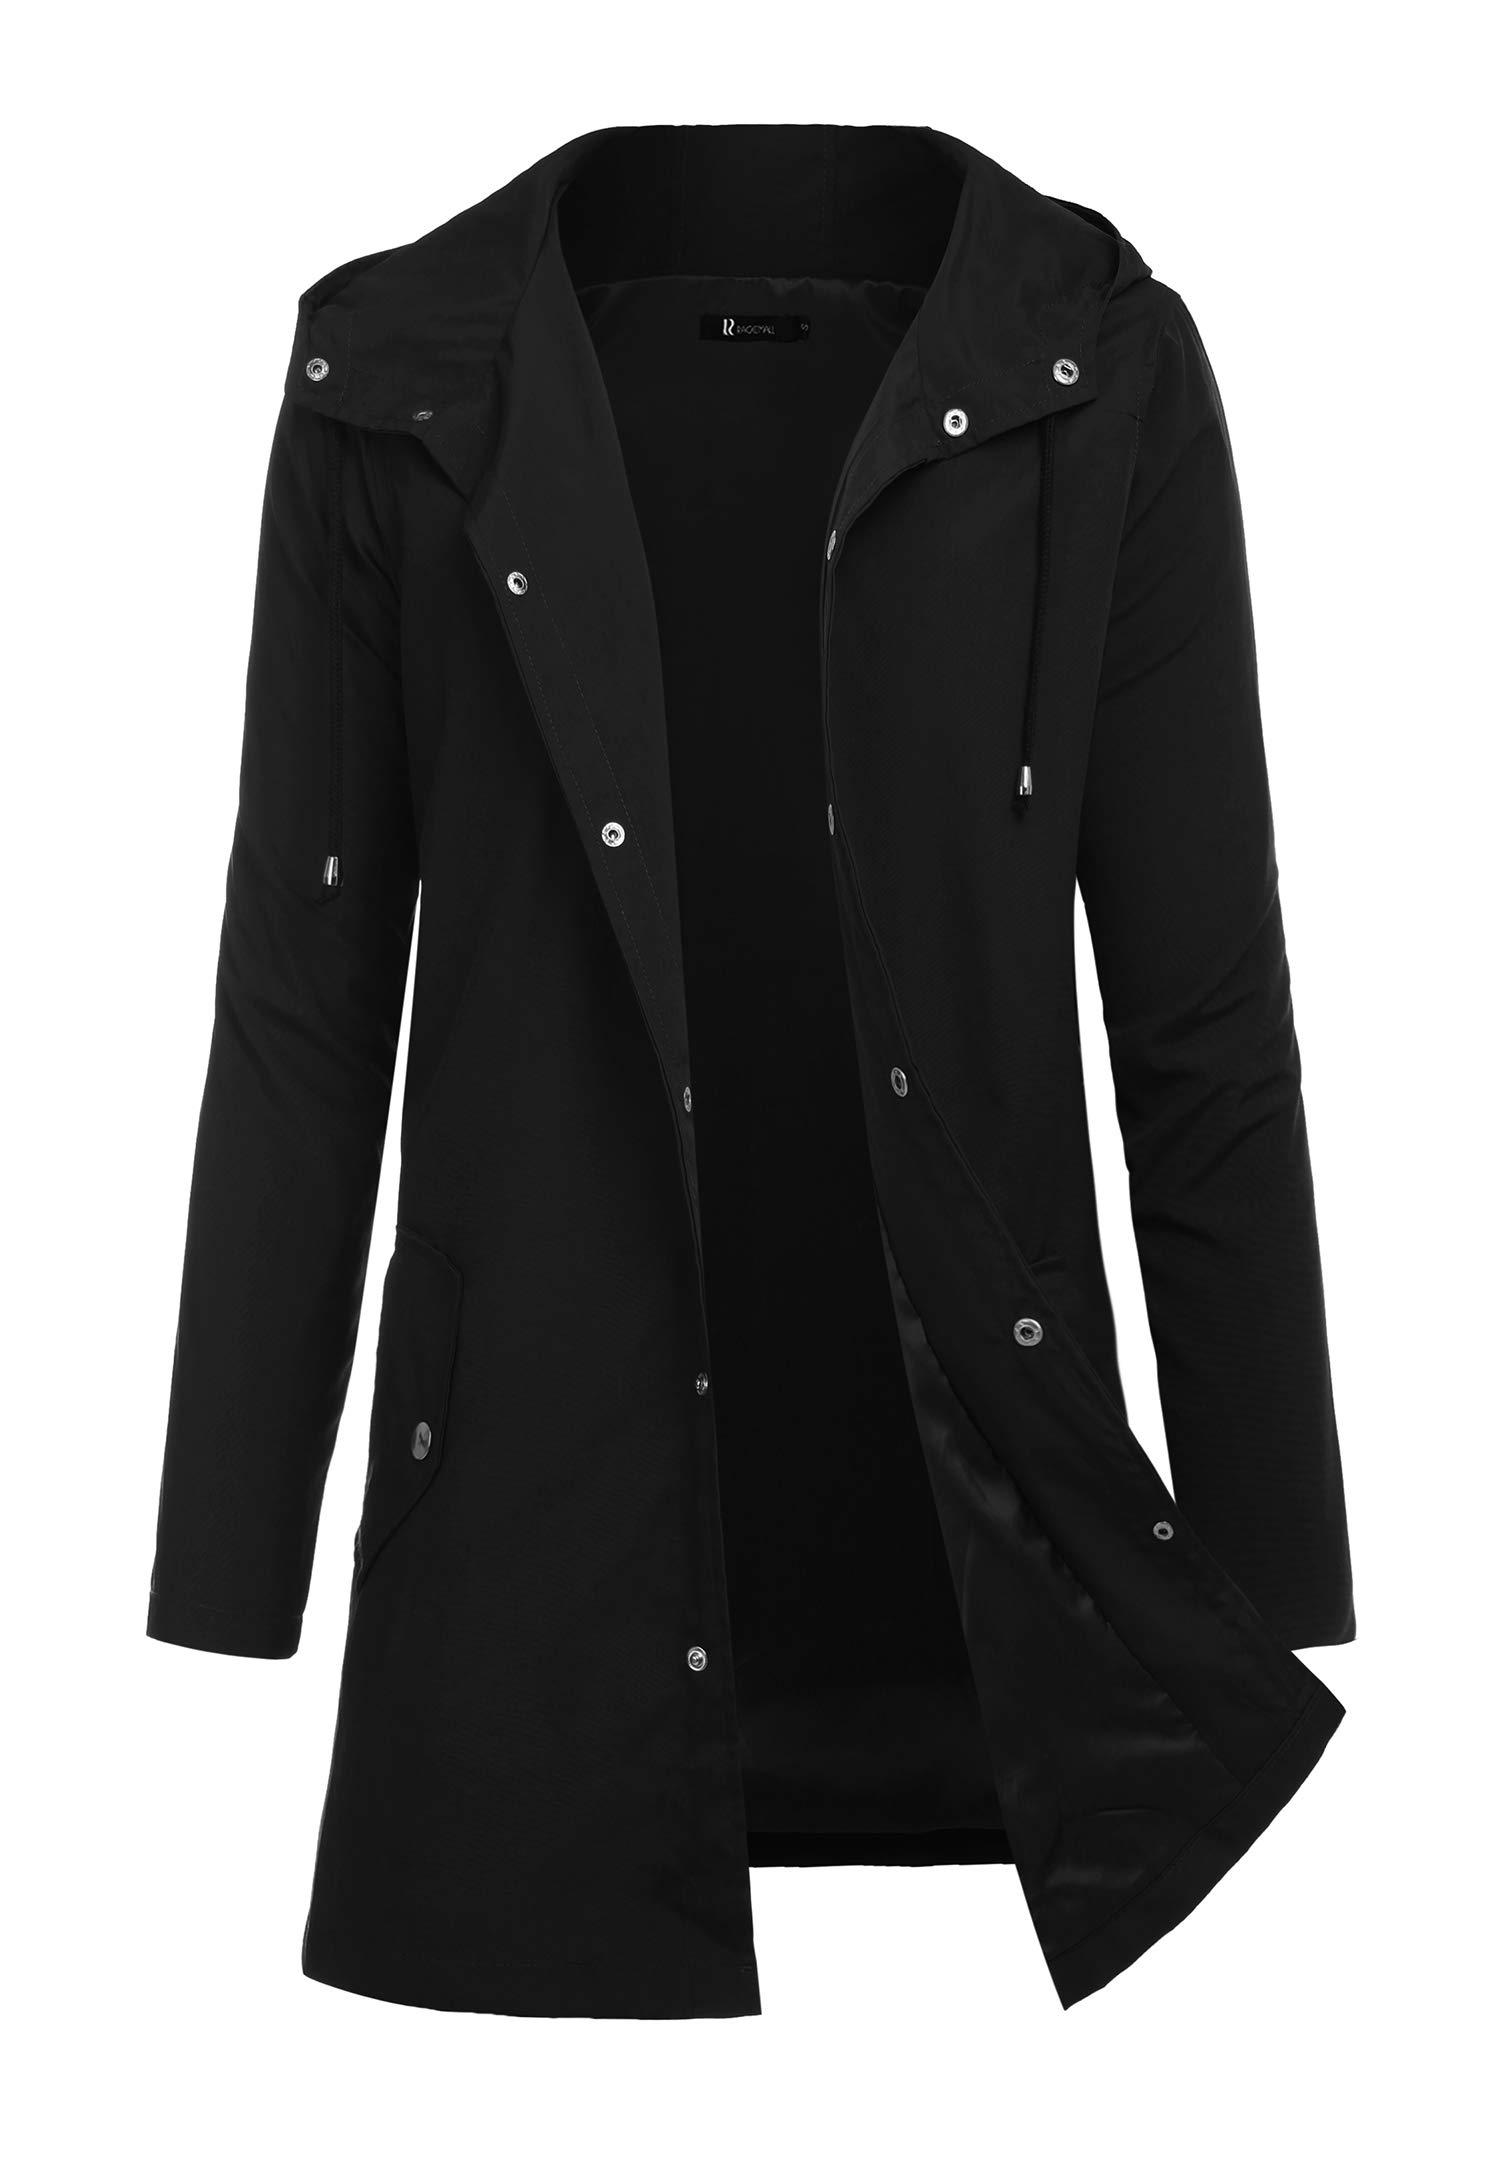 RAGEMALL Men Raincoats Waterproof Jacket with Hood Active Outdoor Long Windbreaker Lightweight Rain Jacket for Men Black L